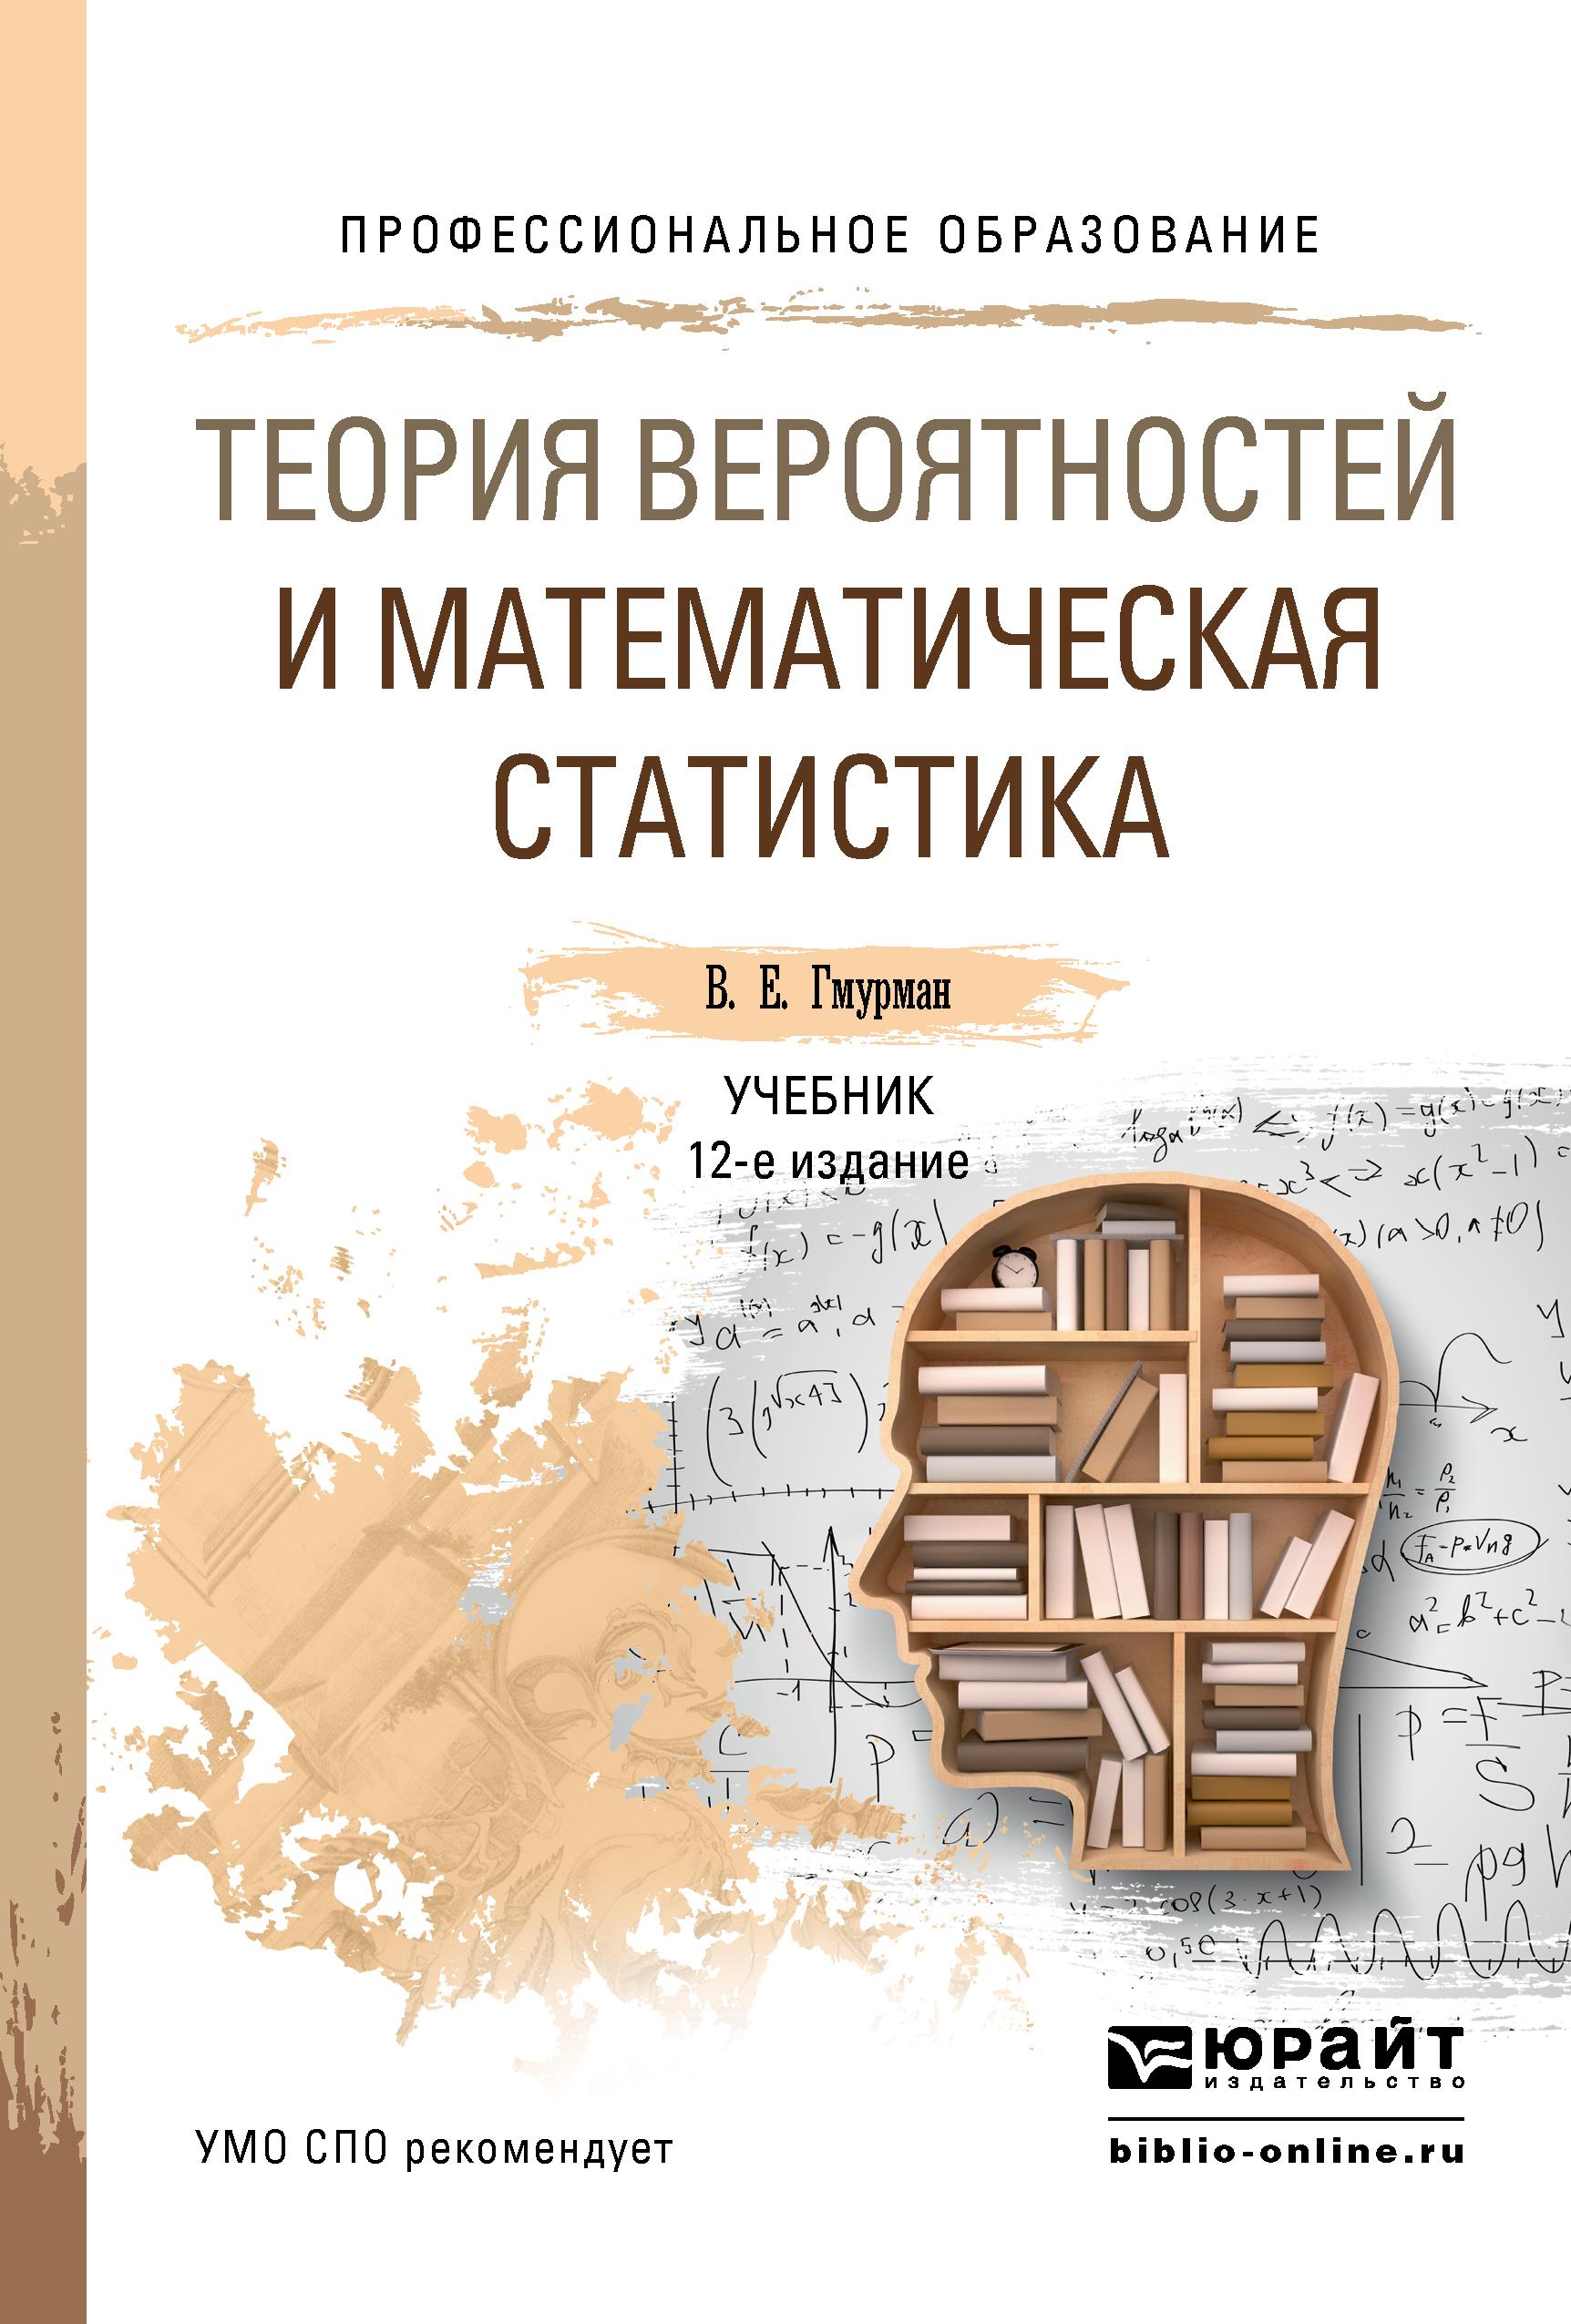 цены Владимир Ефимович Гмурман Теория вероятностей и математическая статистика 12-е изд. Учебник для СПО